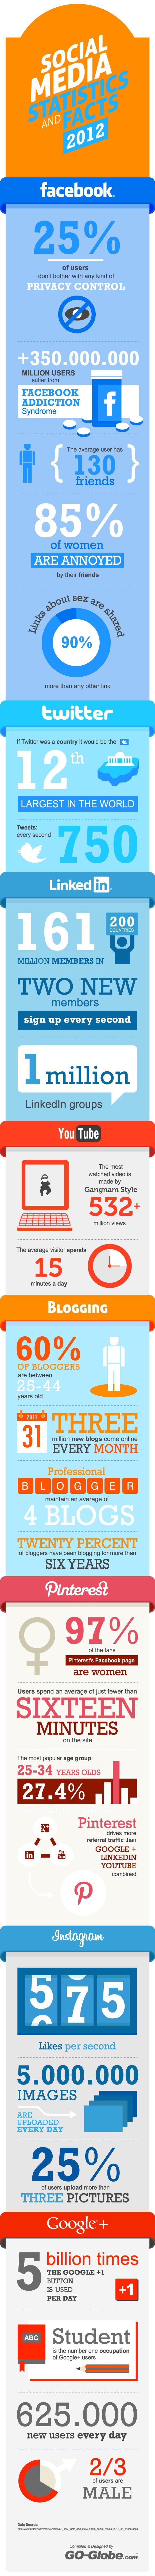 Datos y curiosidades del social media en 2012 – infografía